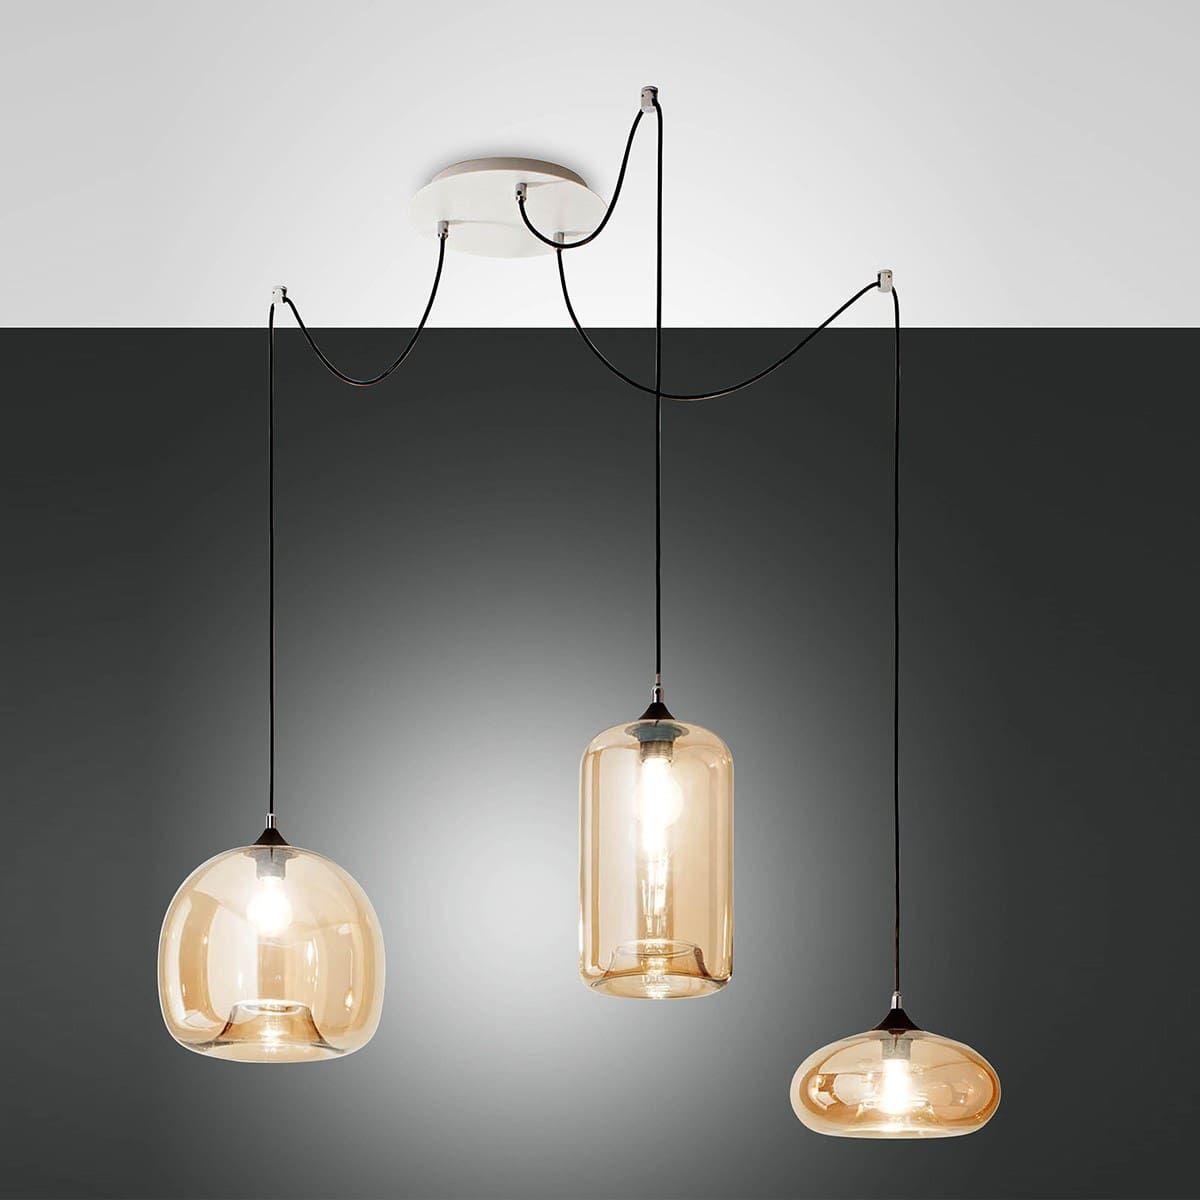 Full Size of Designer Hngelampen Esstisch Pendelleuchte Holz Beton Wohnzimmer Hängelampen